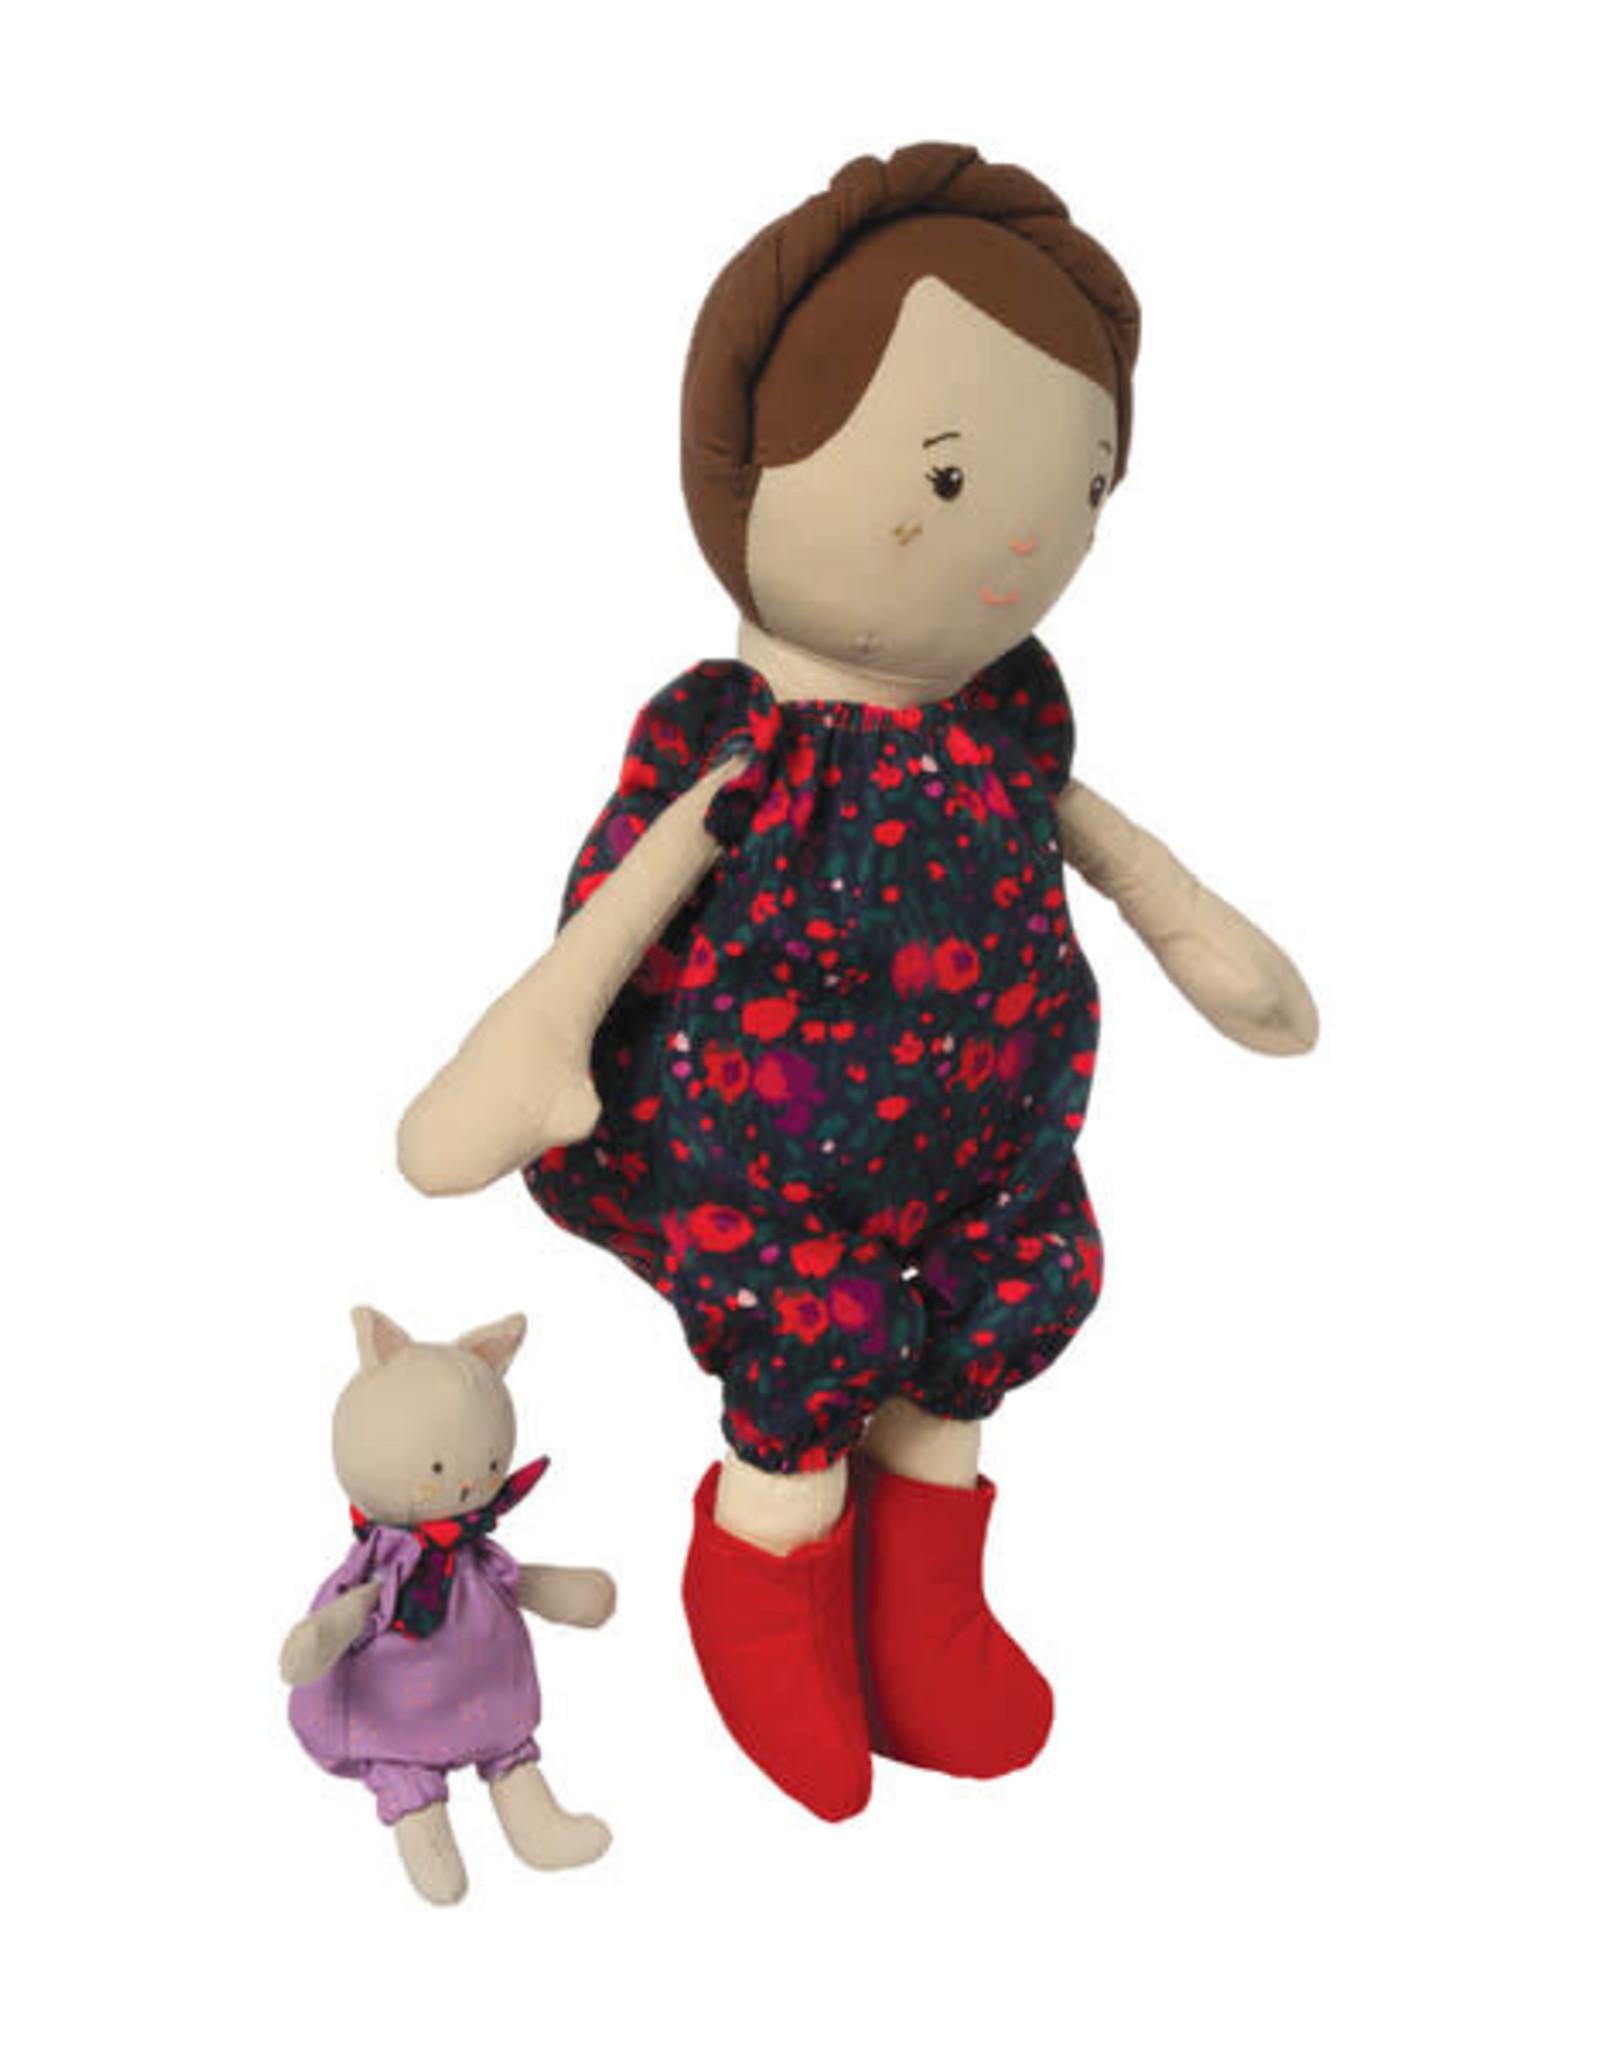 Manhattan Toy Playdate Friends - Freddie (Beige w/cat)